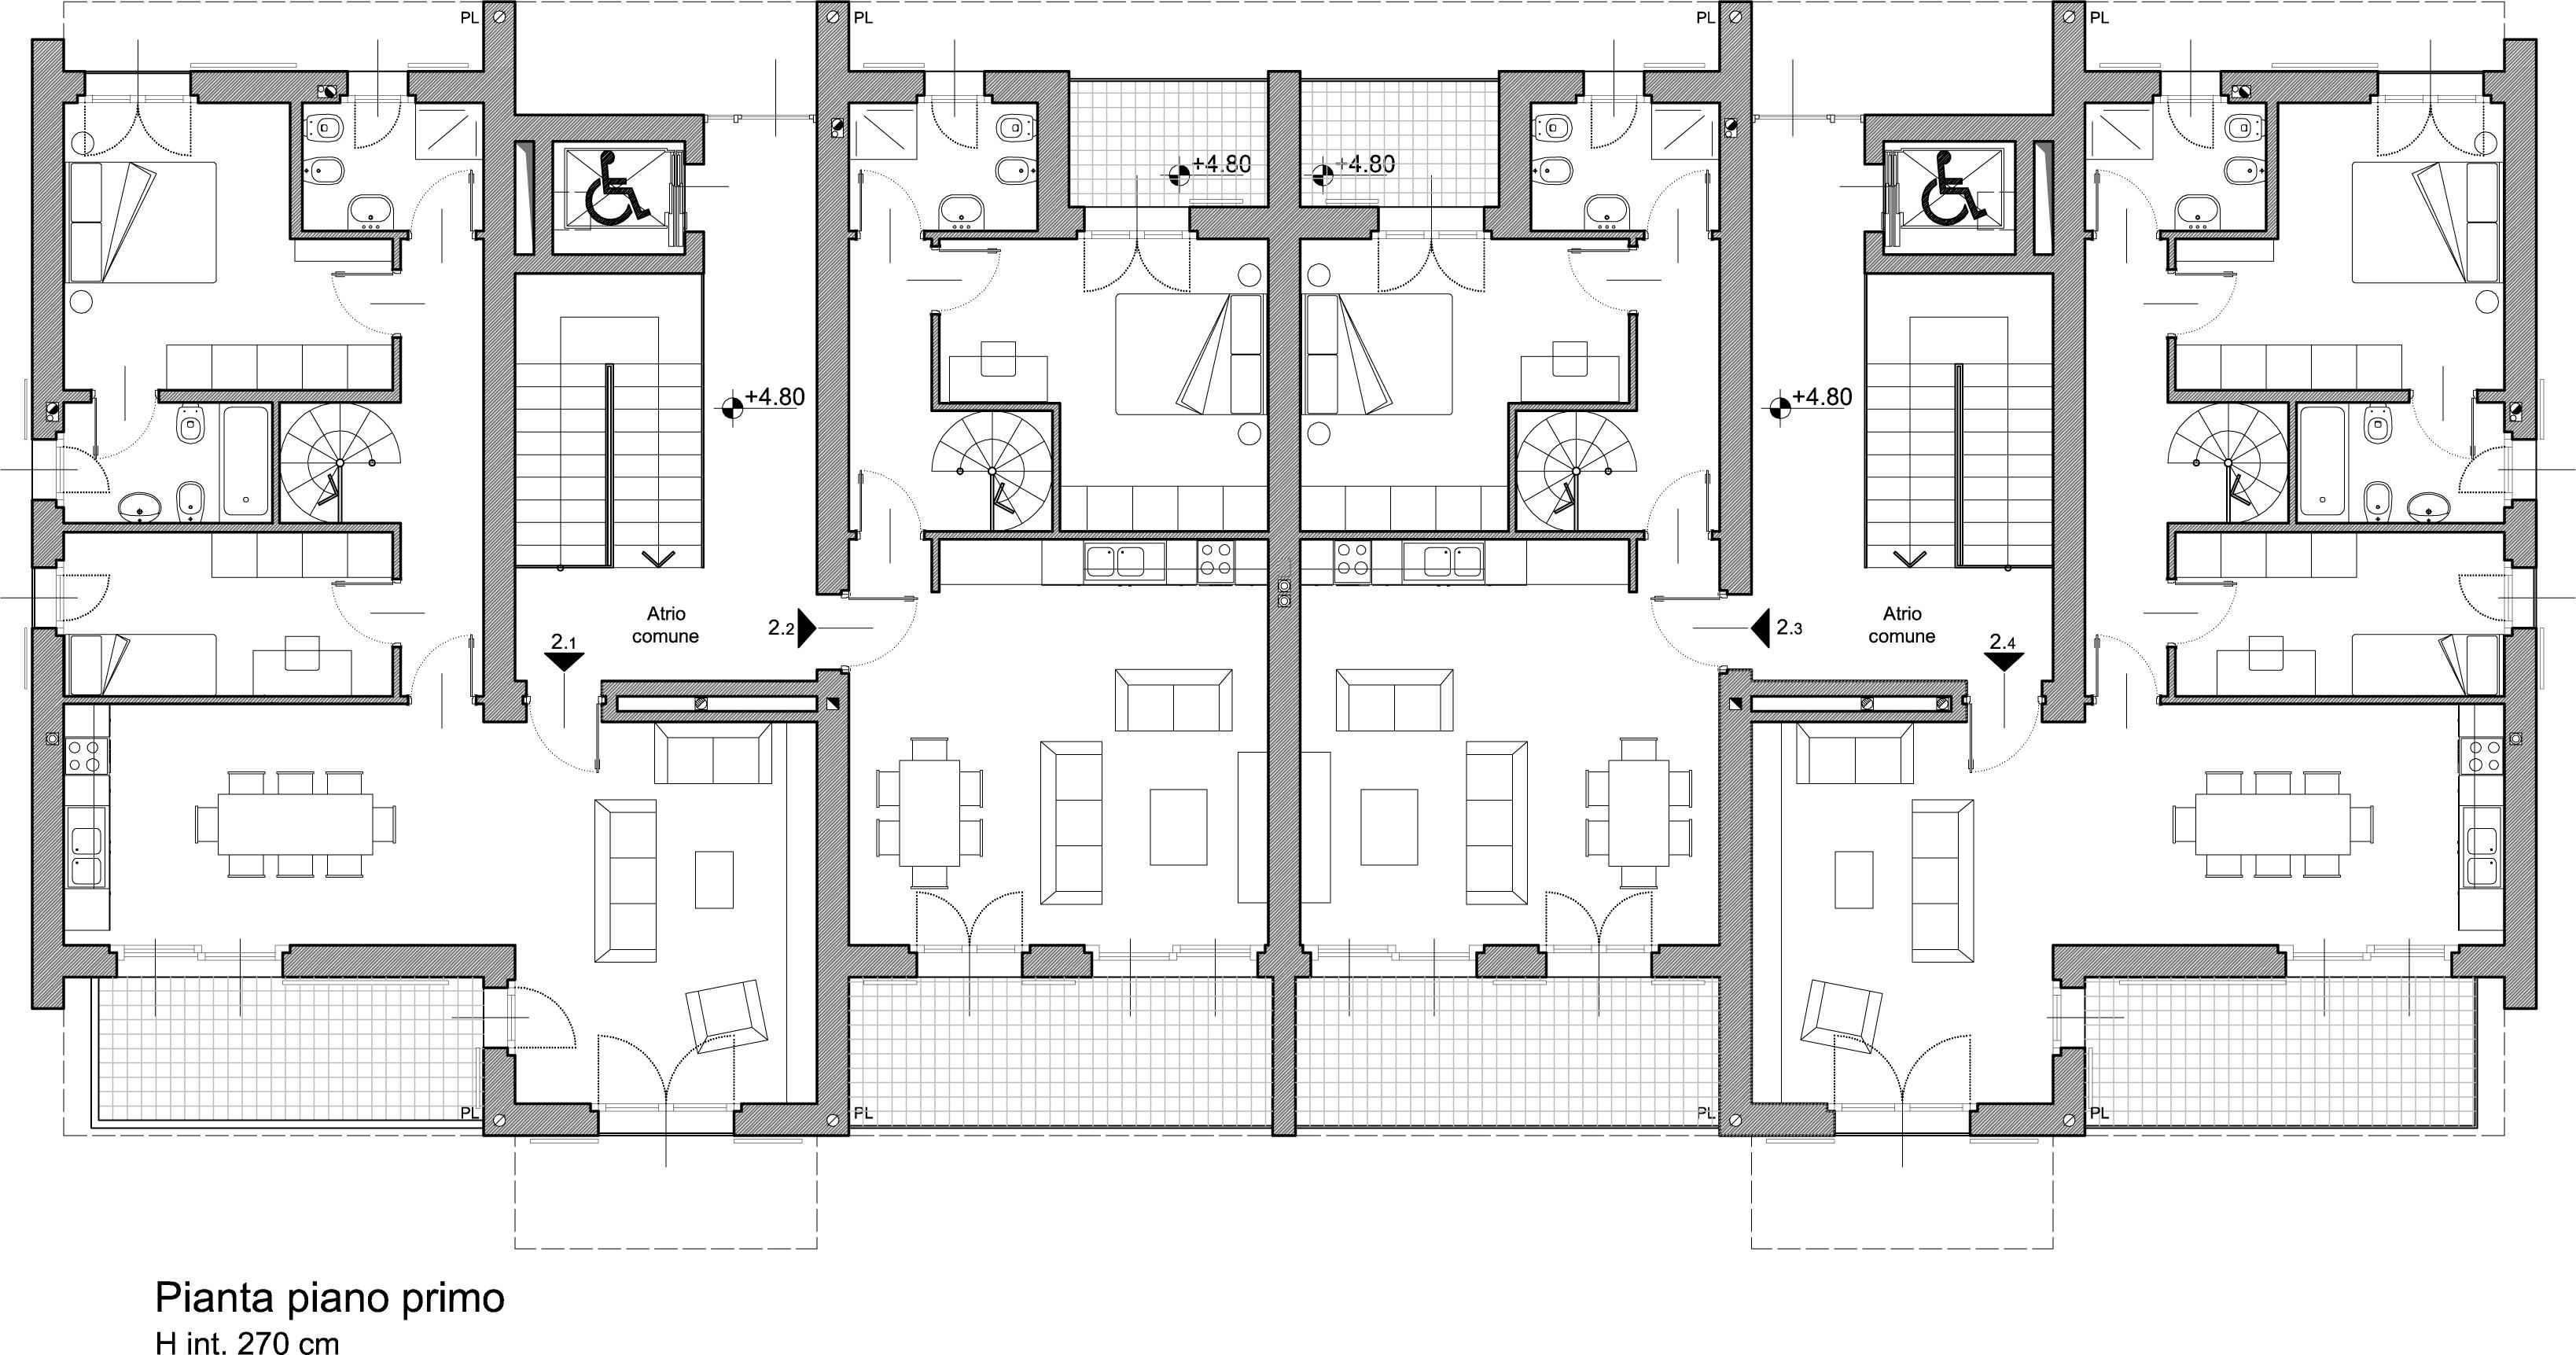 Edificio residenziale a rodano milano arch studio for Lampadari per vani scale